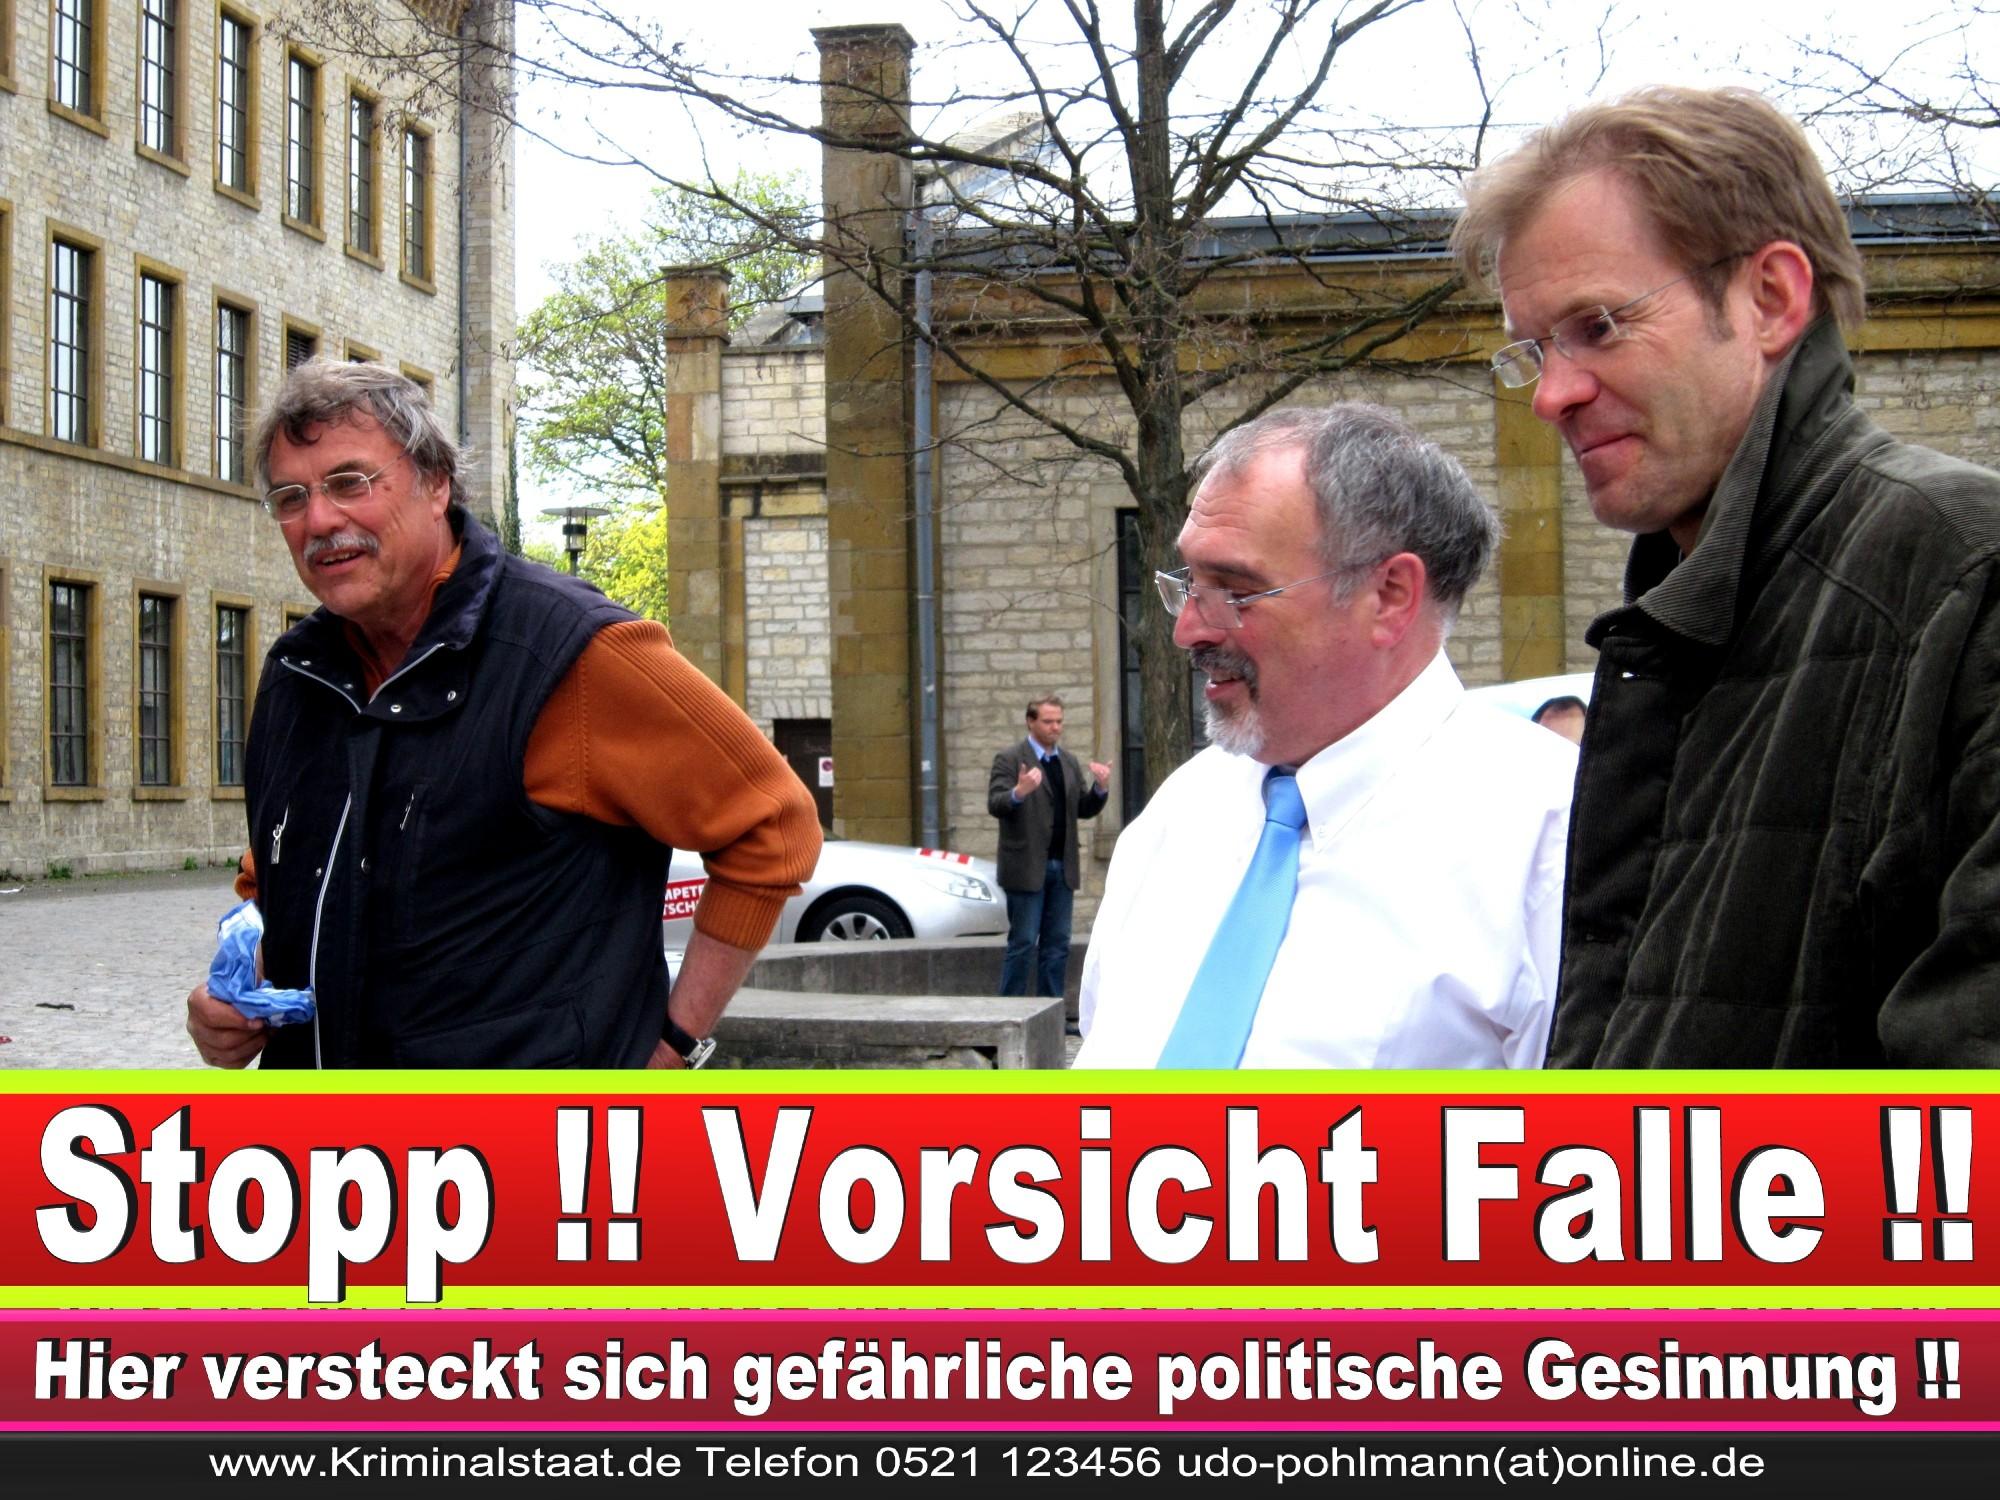 Wahlwerbung Wahlplakate Landtagswahl 2019 Europawahl CDU SPD FDP 2021 (21)